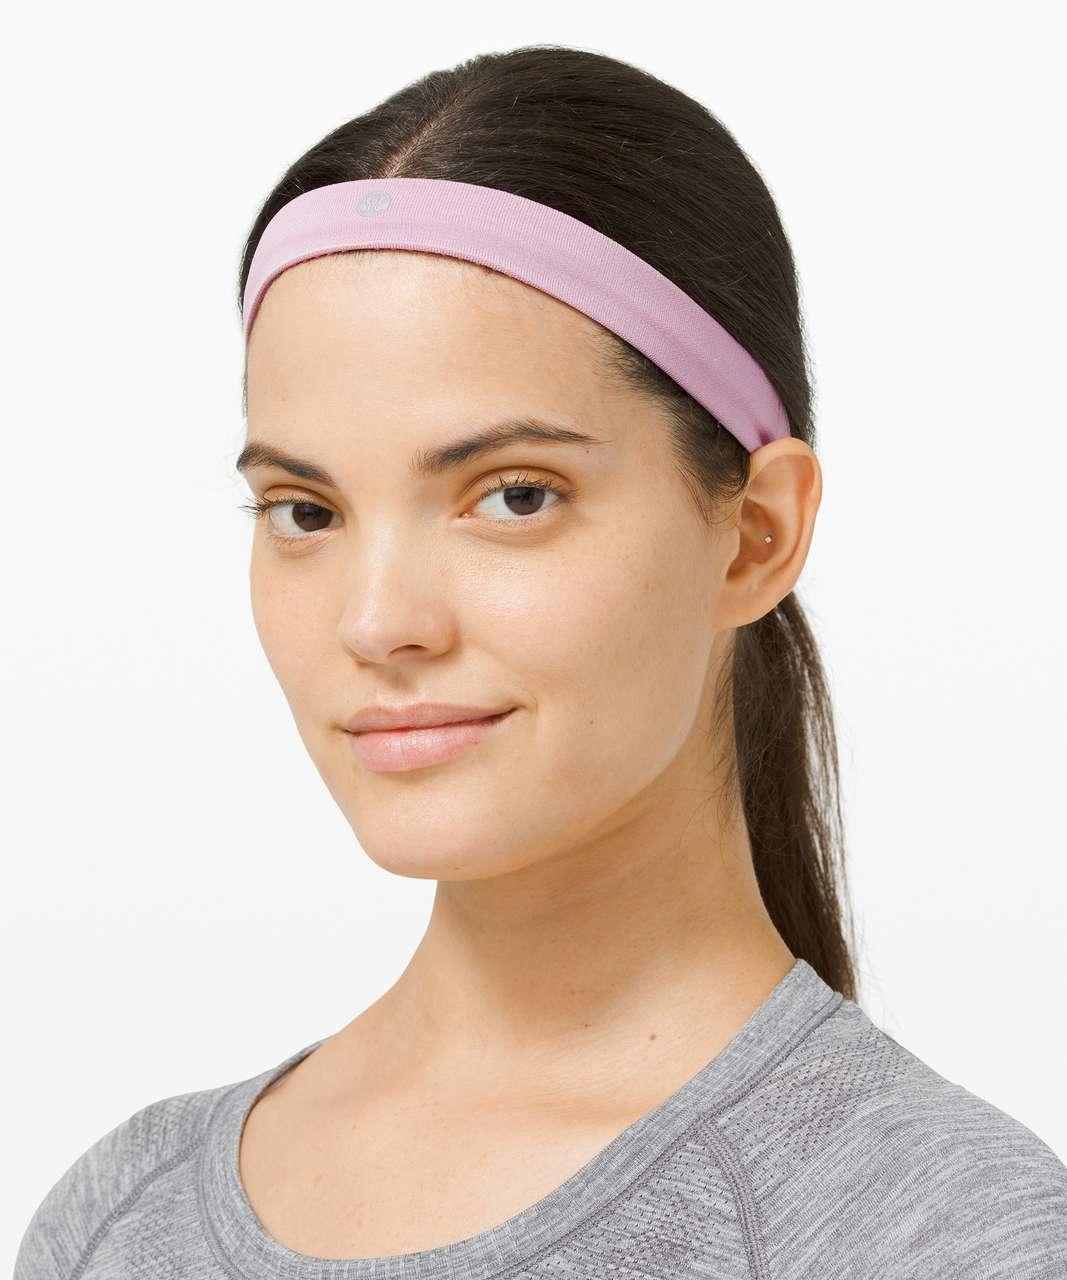 Lululemon Cardio Cross Trainer Headband - Heathered Pink Taupe